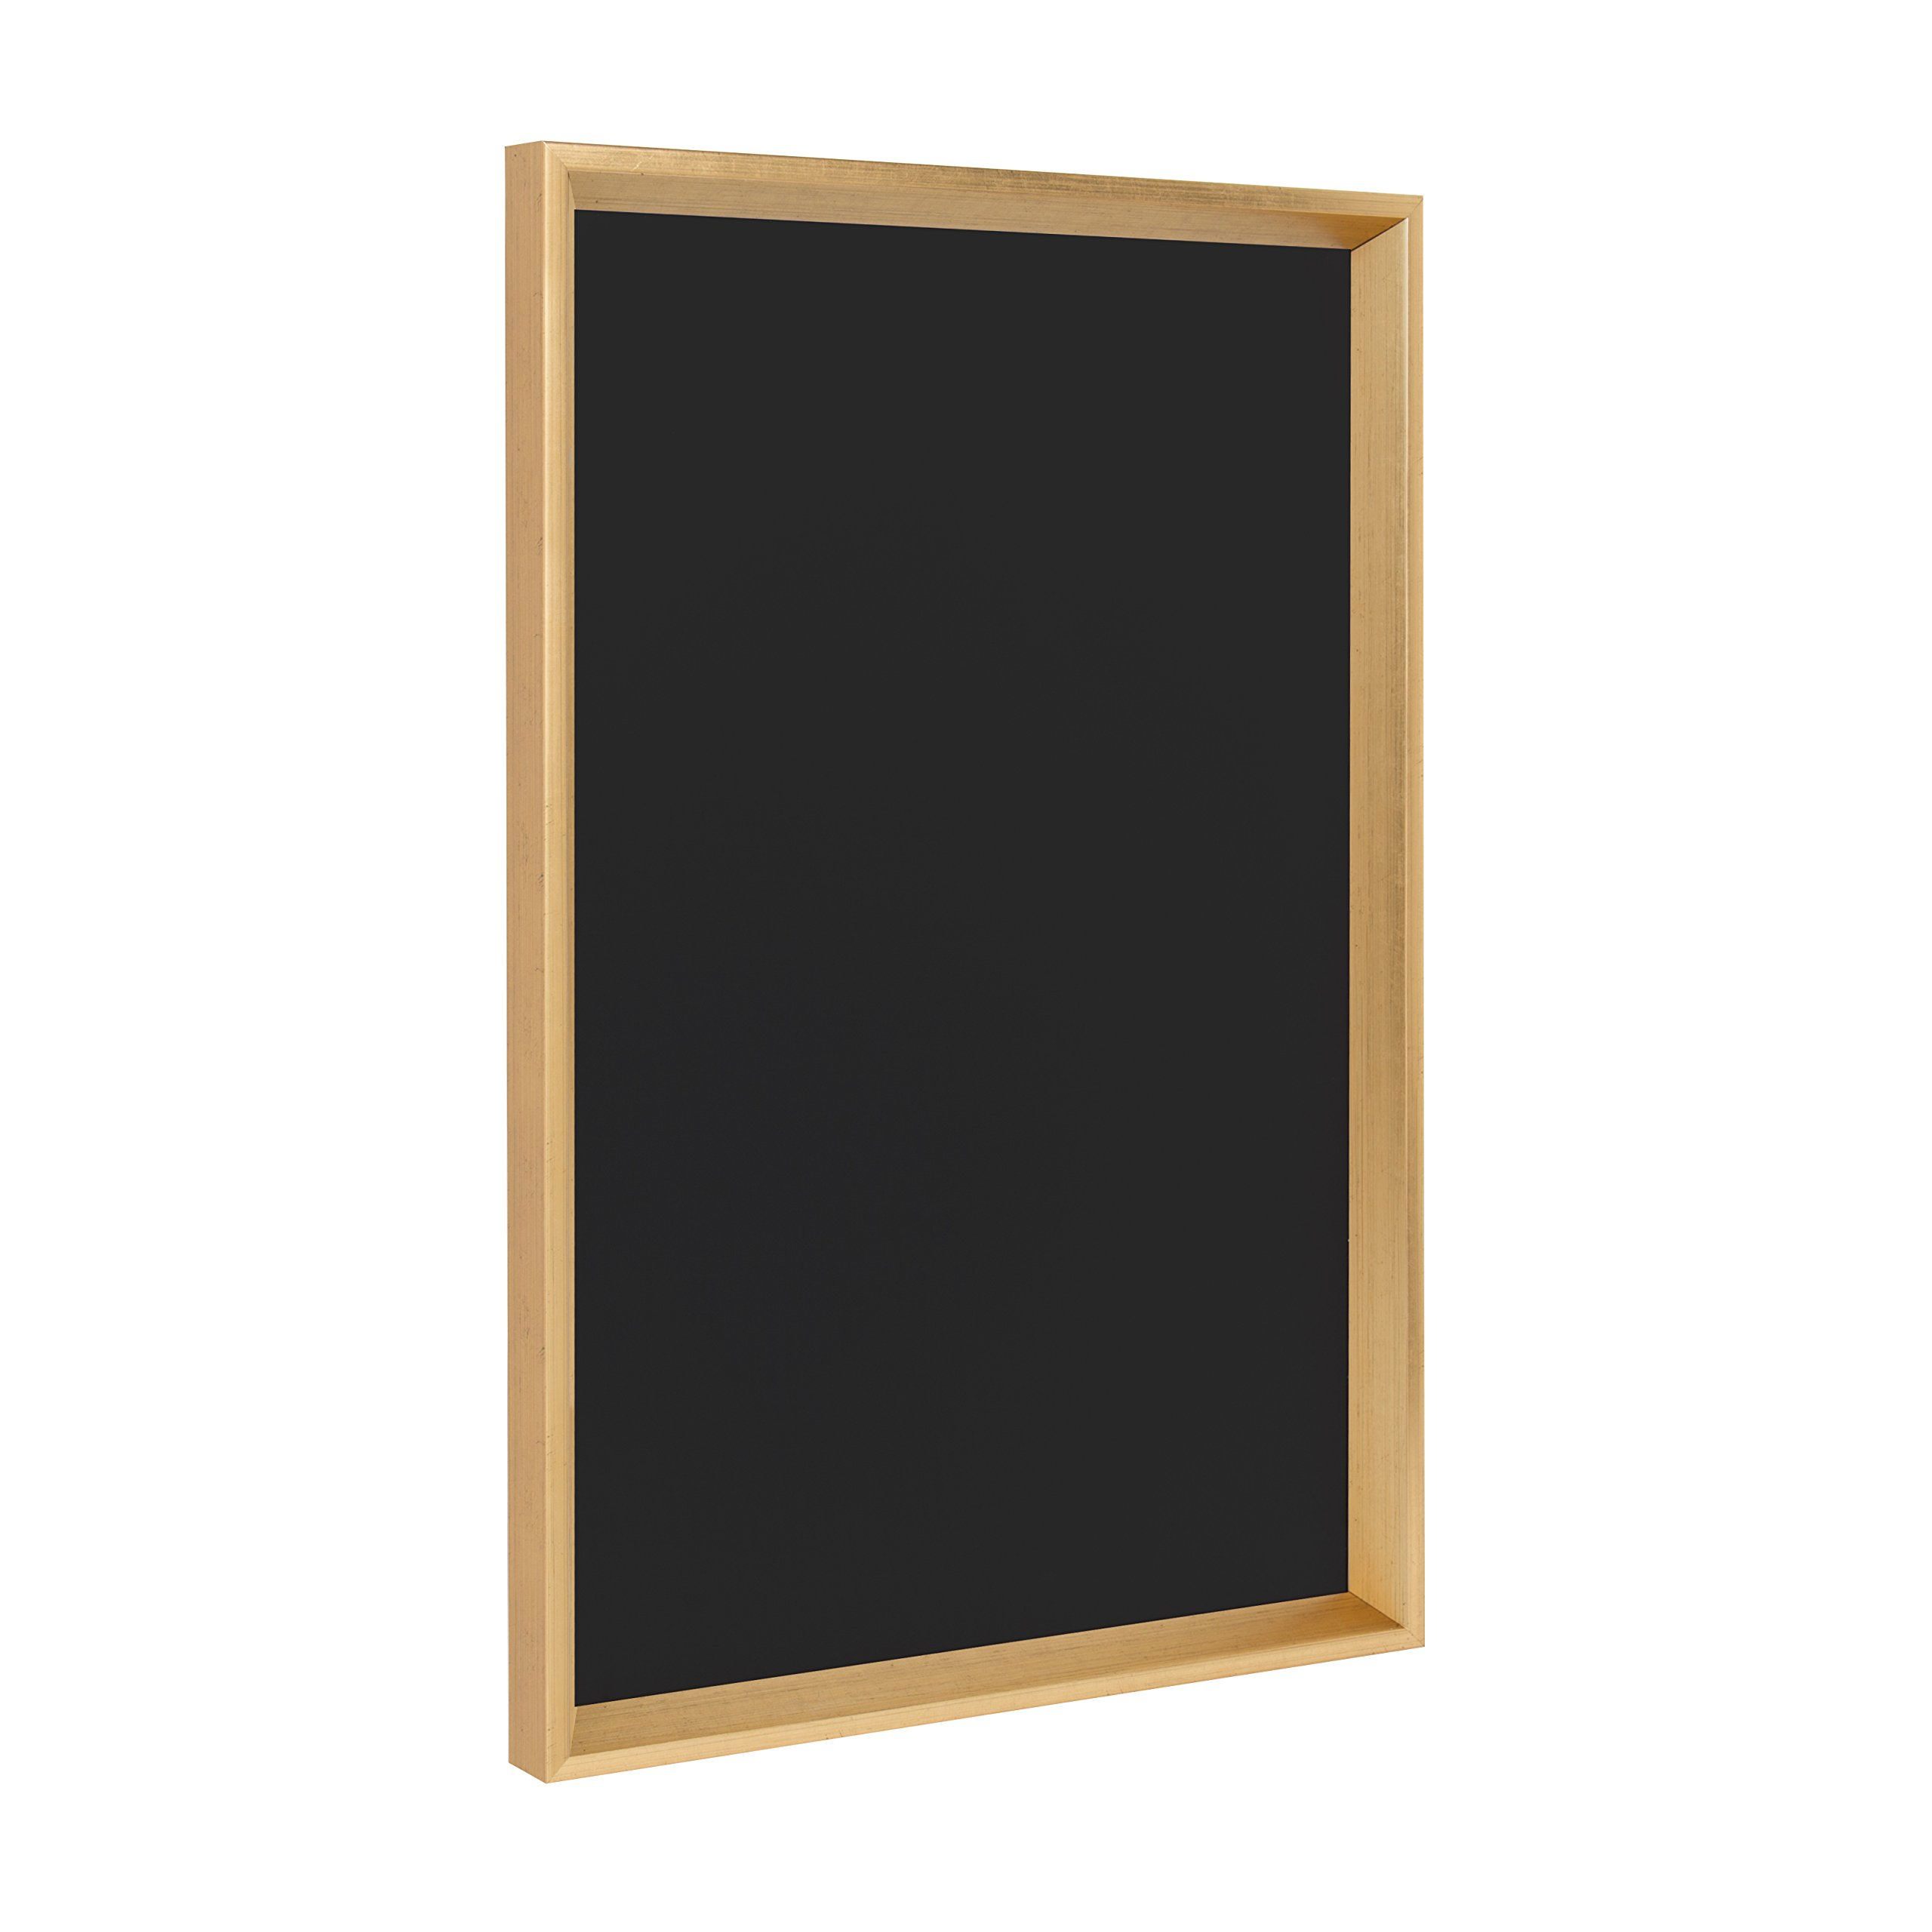 Kate and Laurel Calter Framed Magnetic Chalkboard, 16.5x25.5, Gold